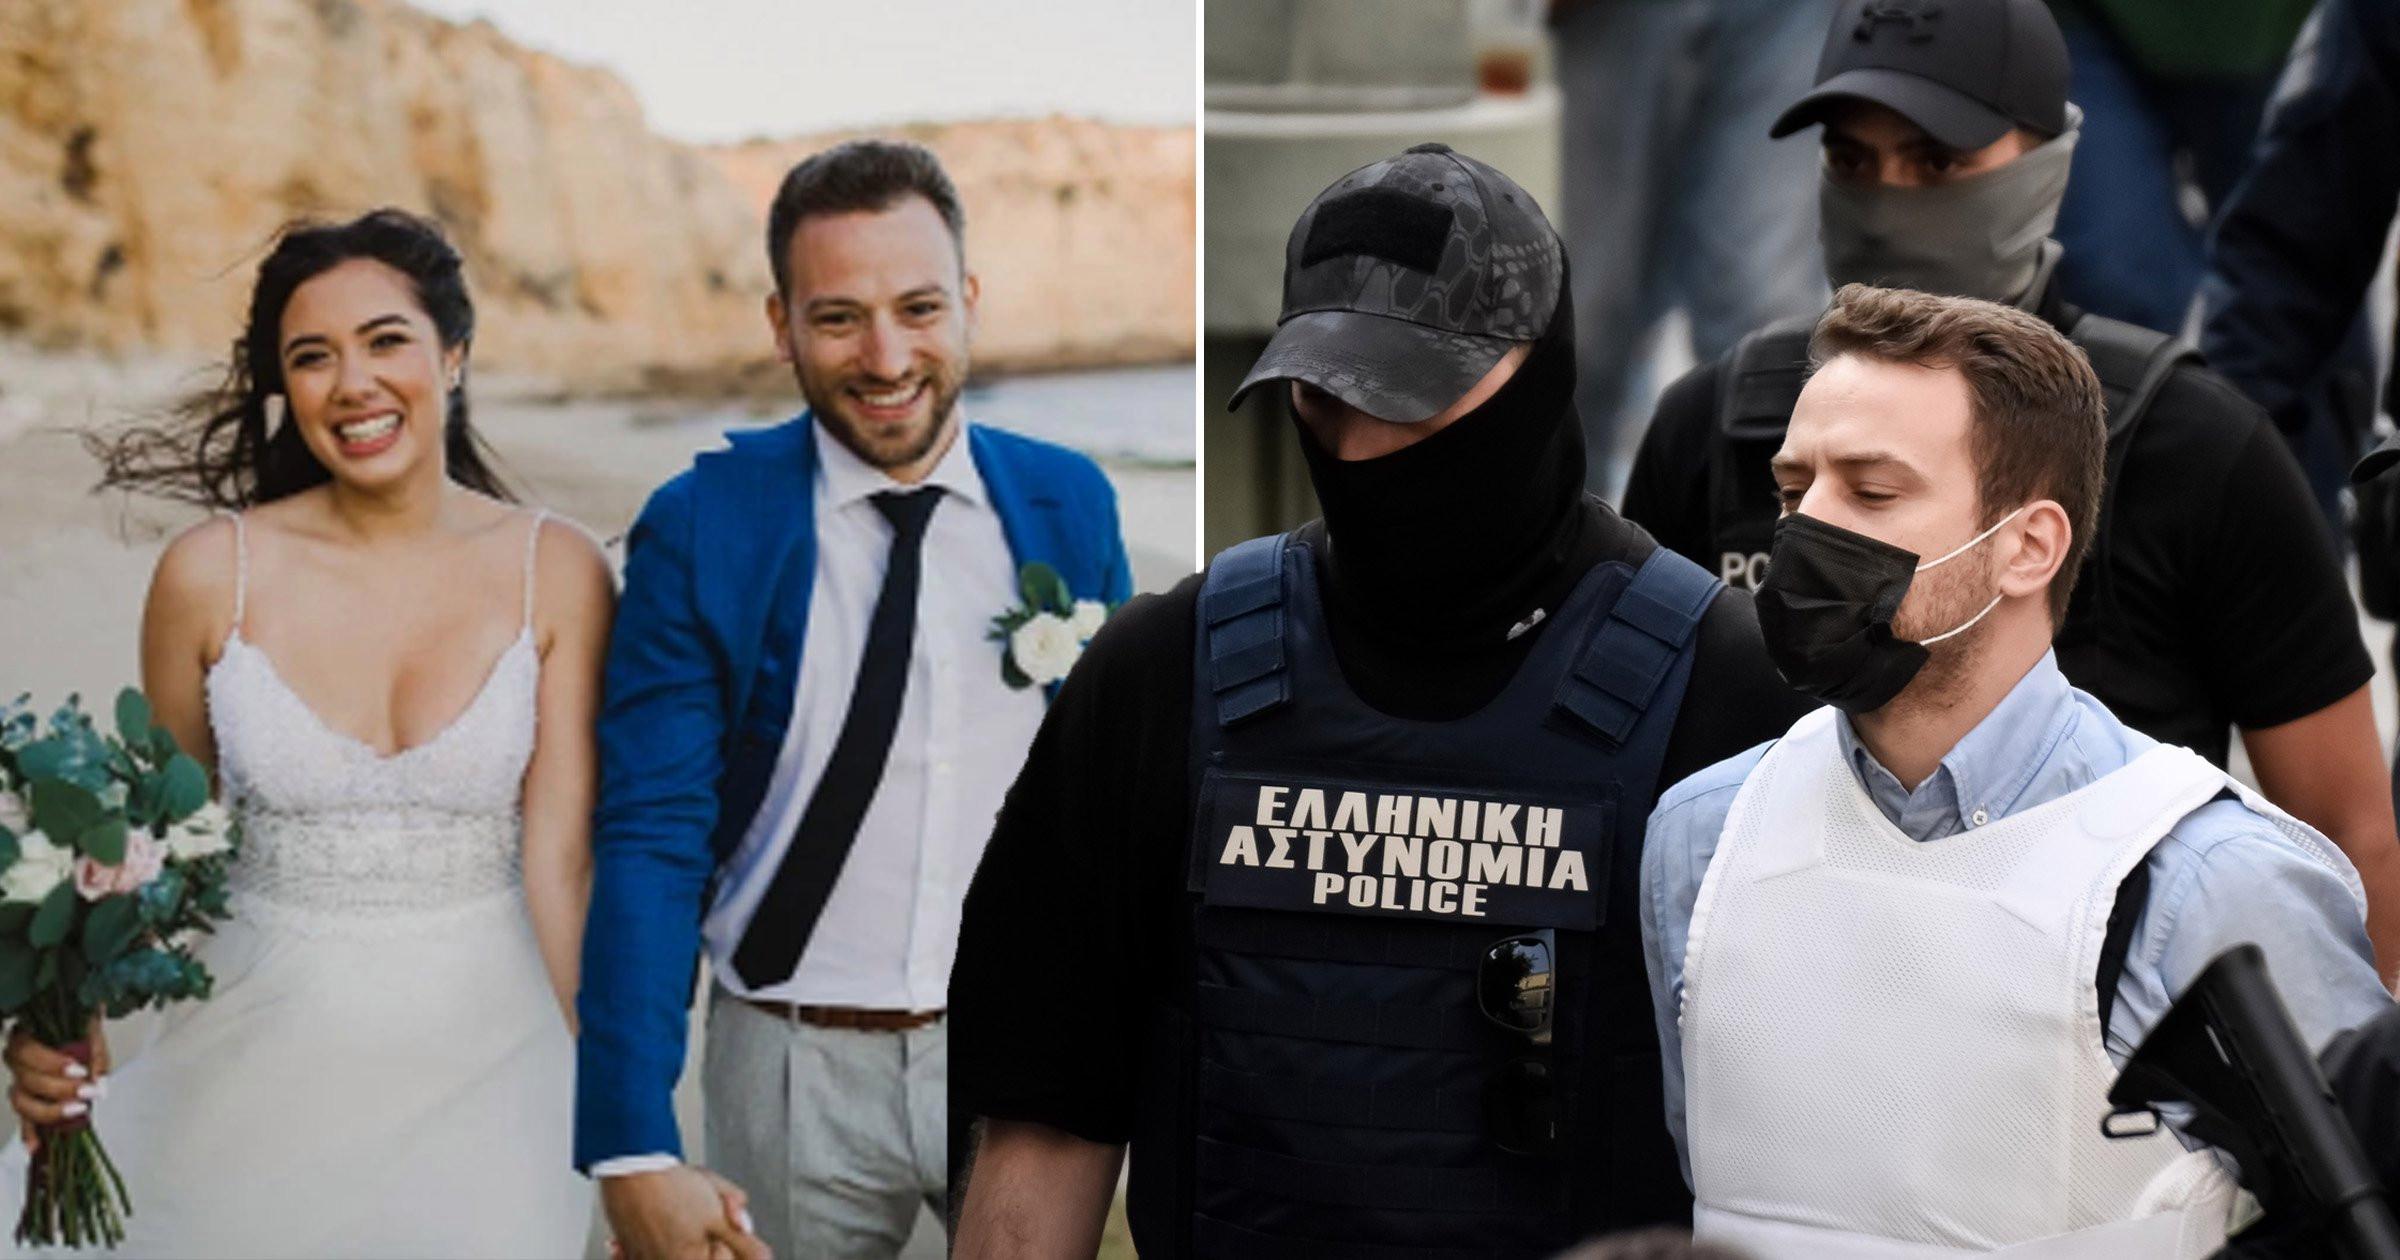 Dëshmia tronditëse, piloti që vrau gruan kishte lidhje me një transgjinor të njohur në Greqi